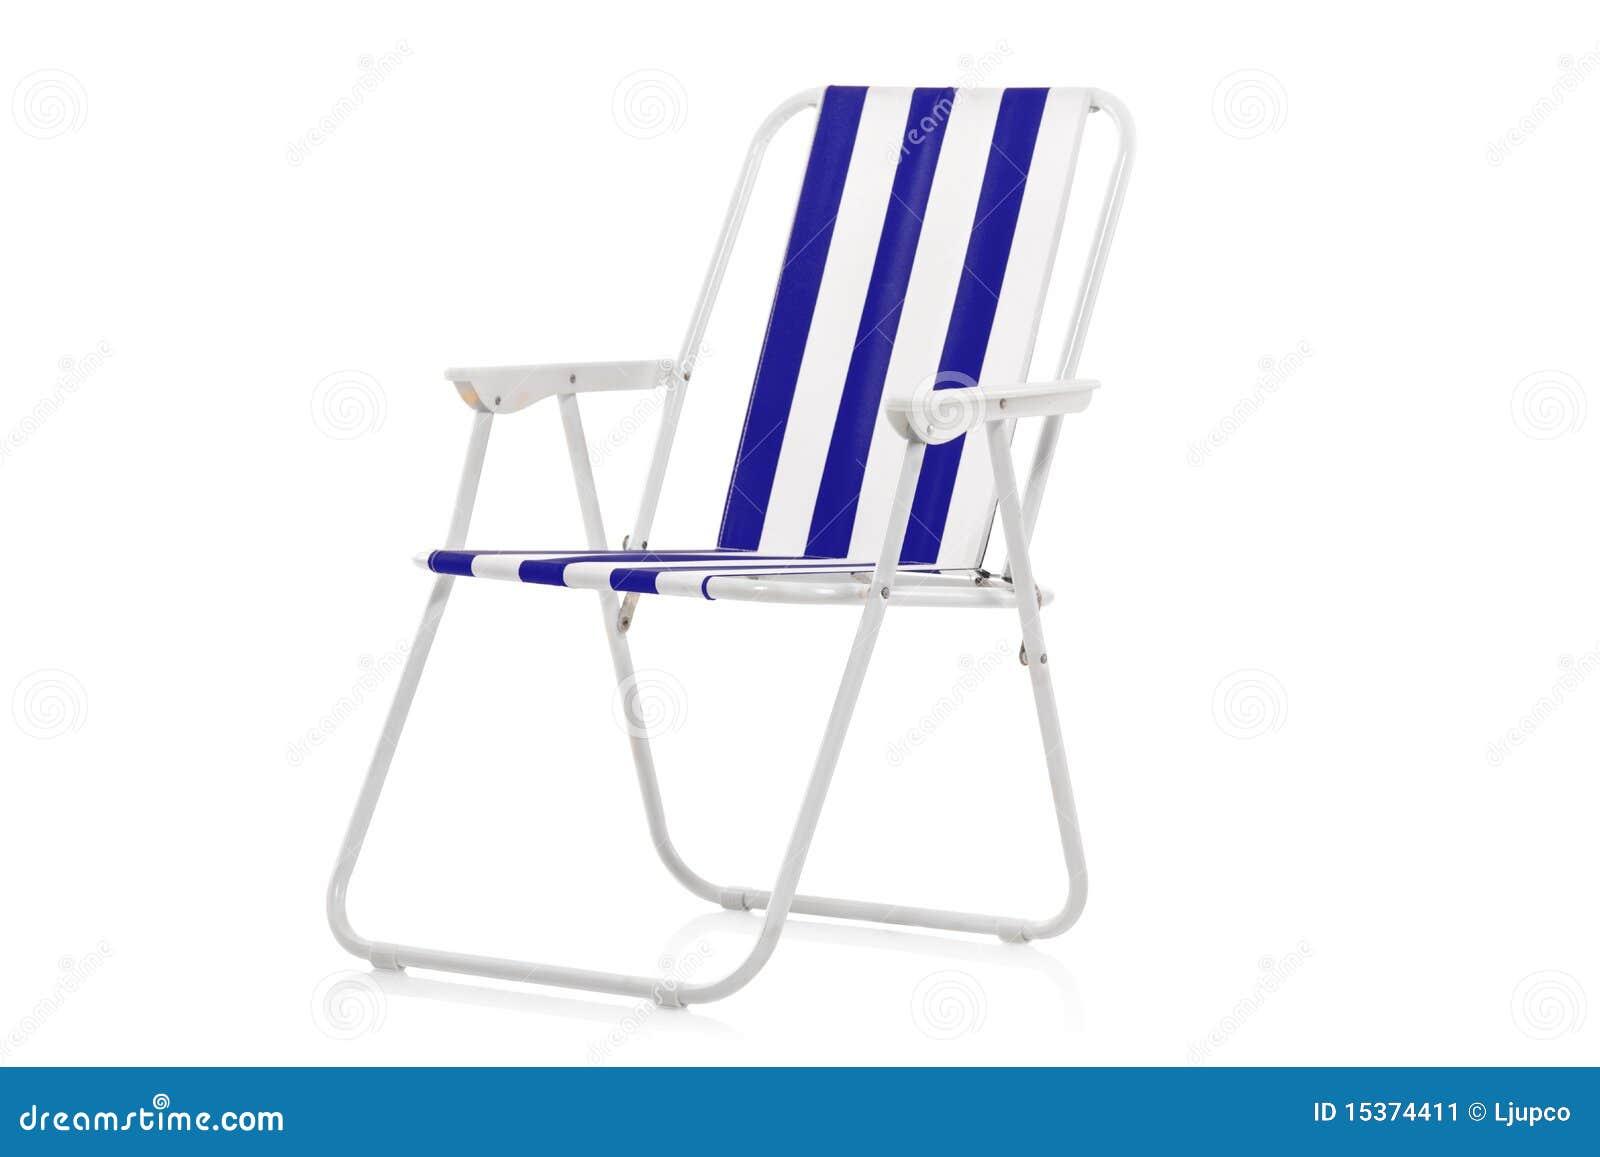 Silla de playa rayada azul y blanca imagen de archivo for Sillas para jugar a la play